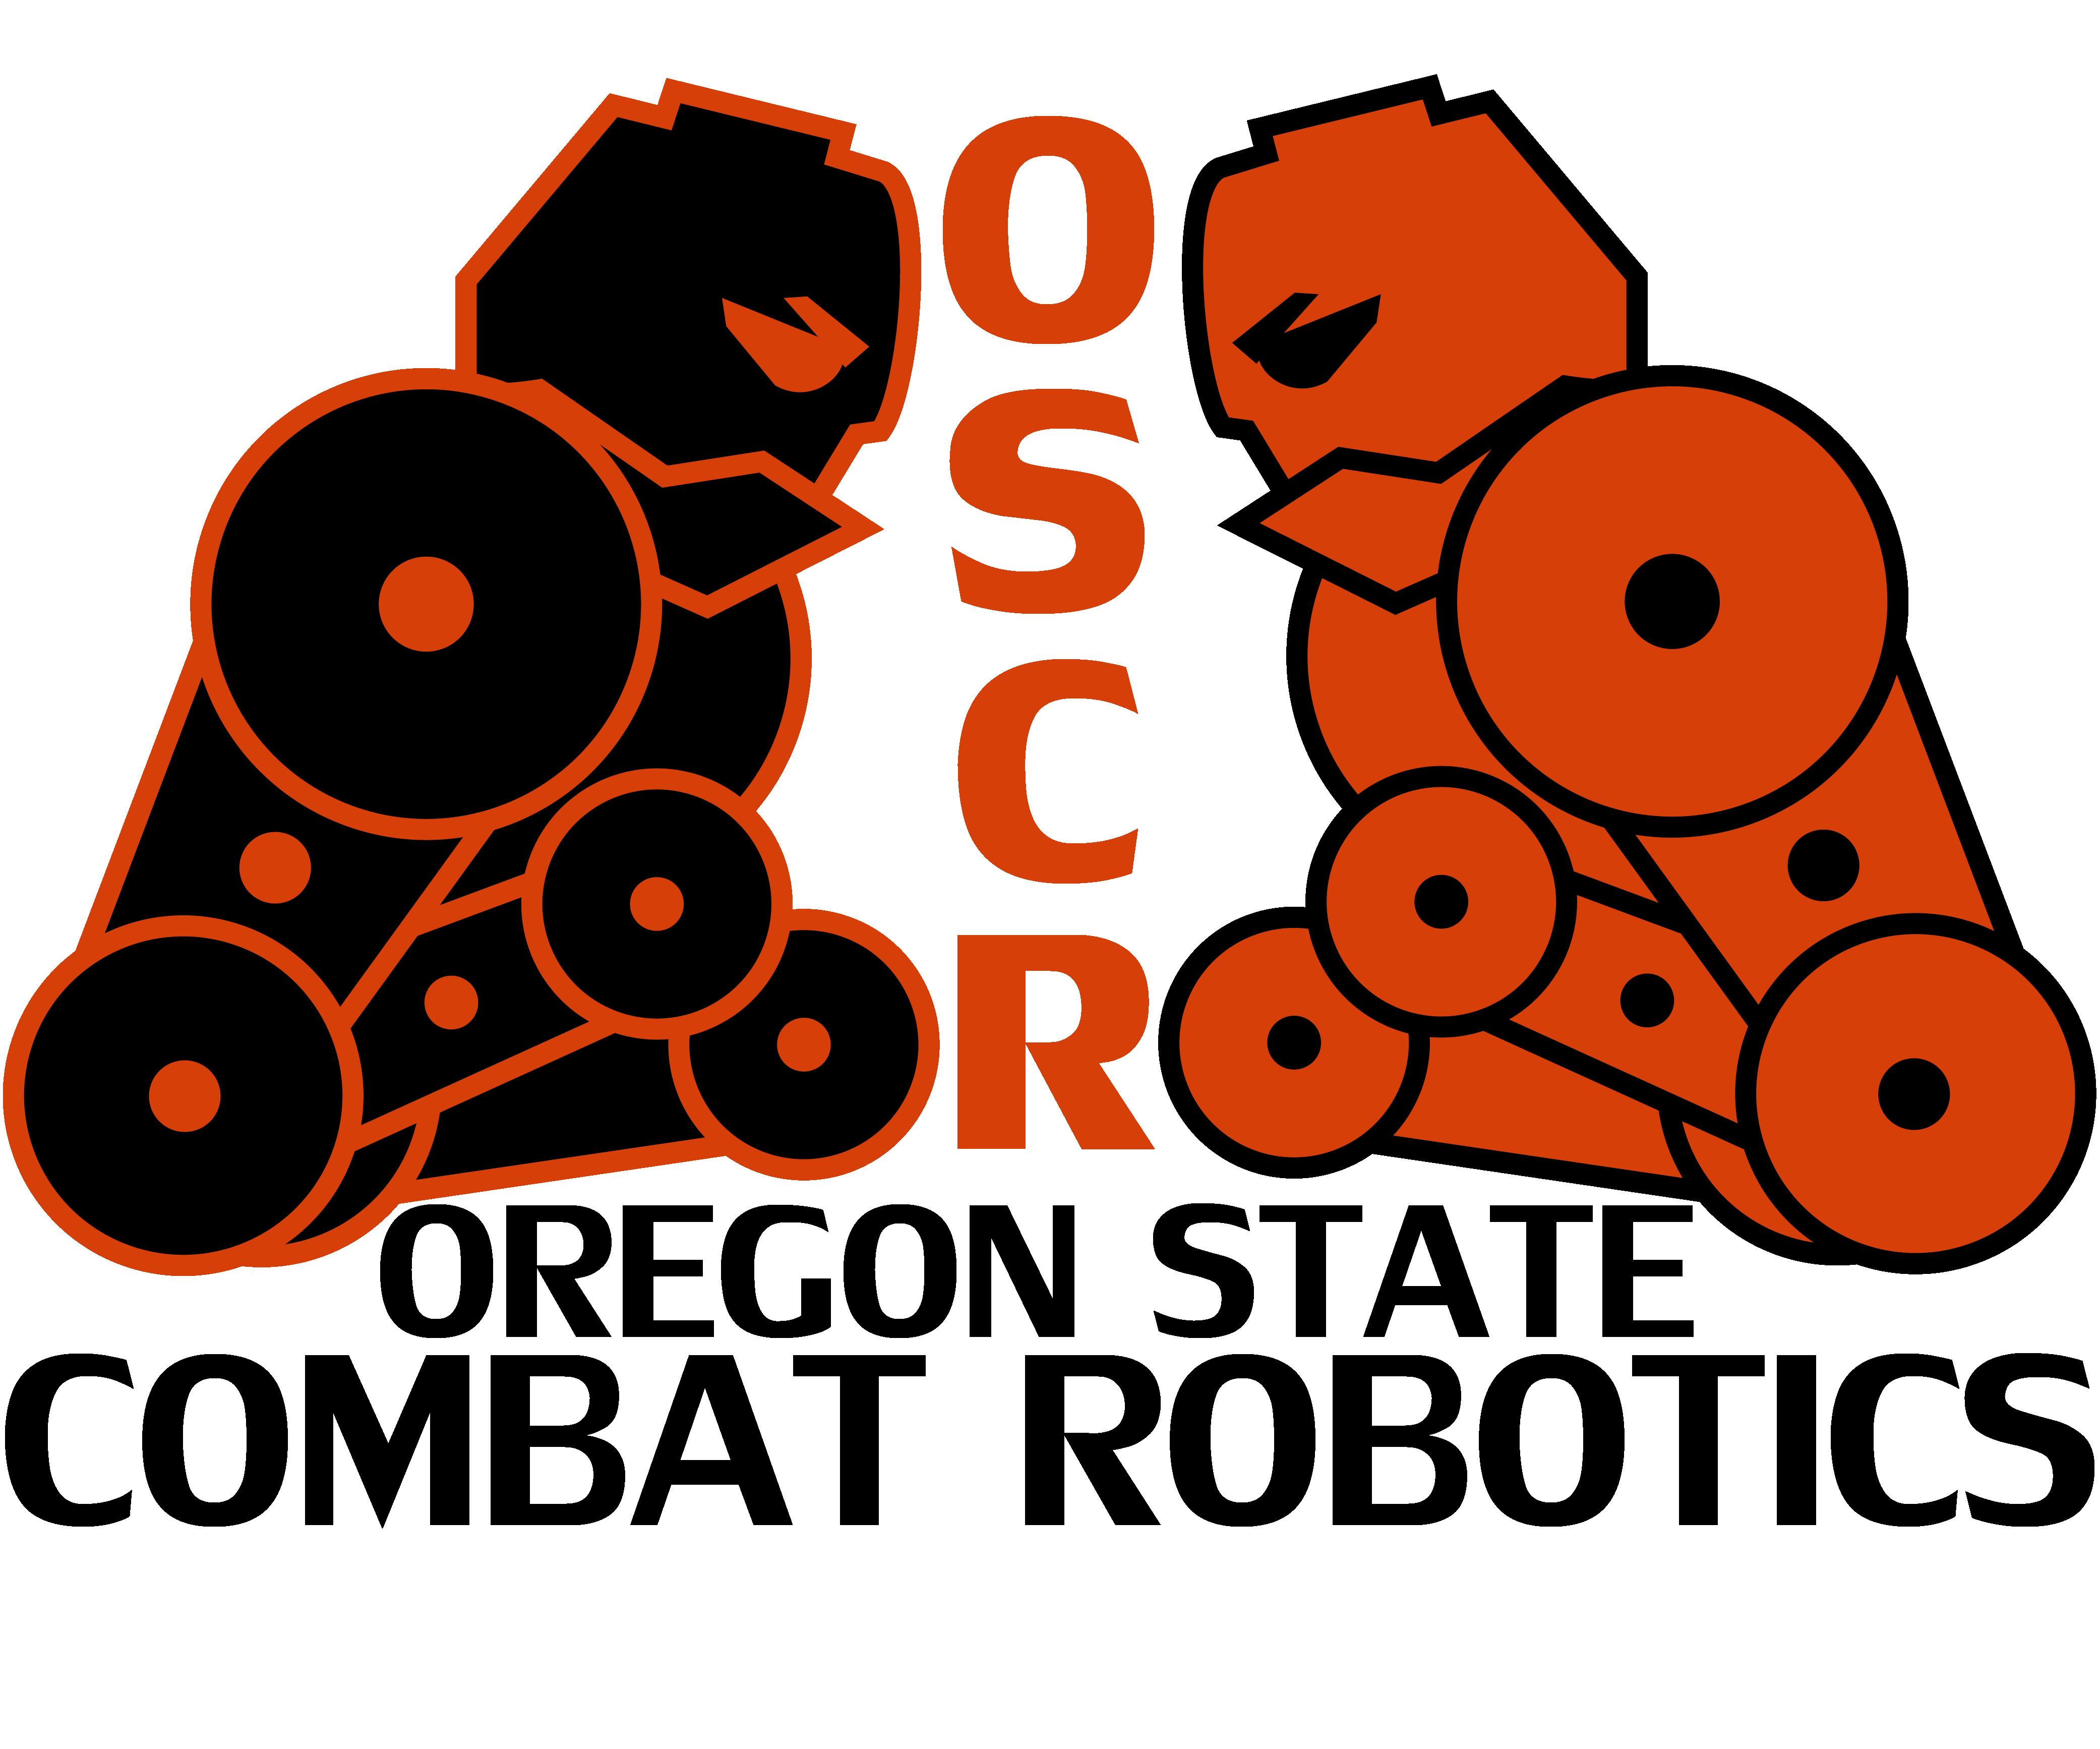 Combat robotics logo  1